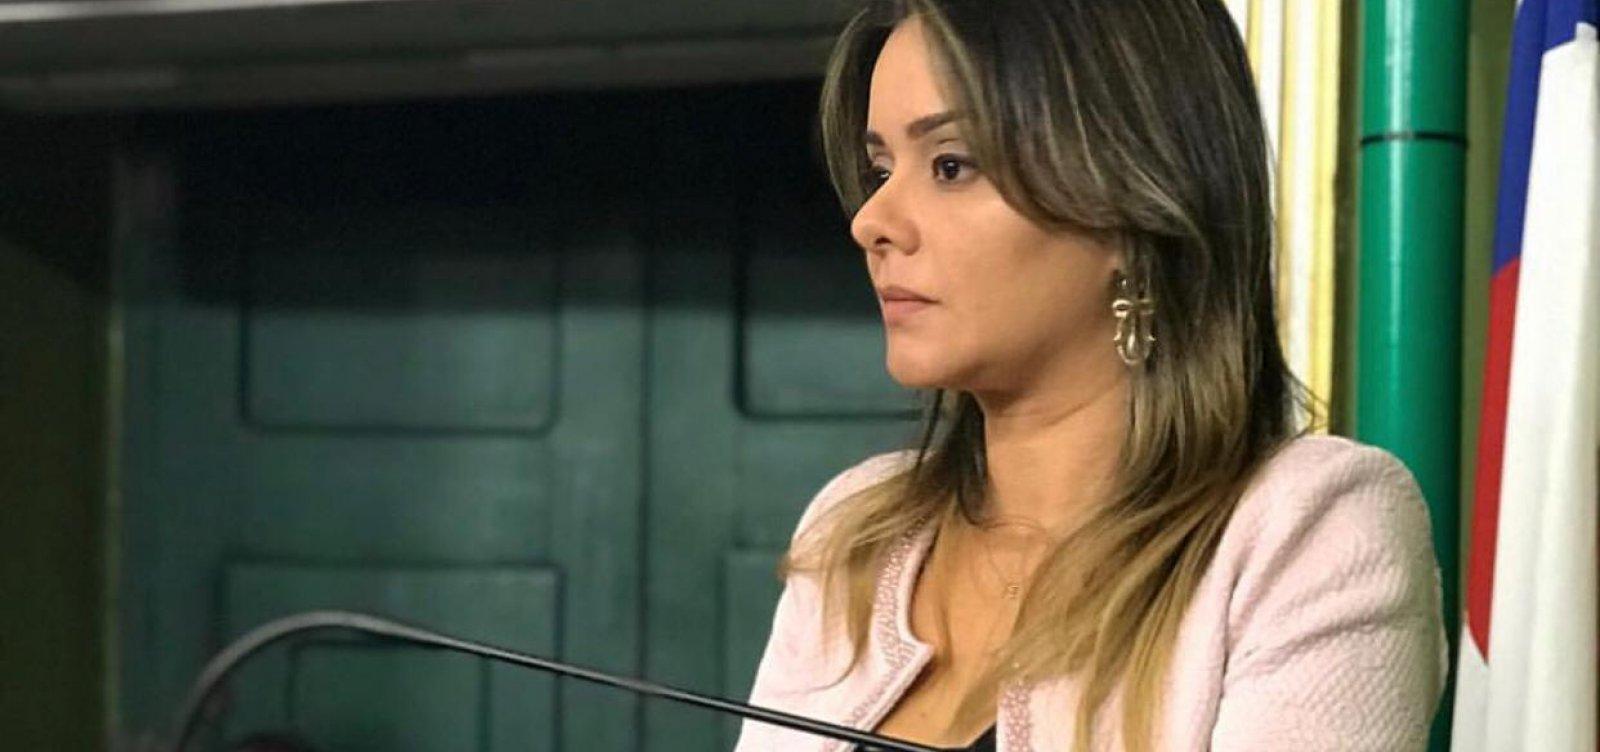 [Vereadora pede reforço policial nos postos de vacinação drive-thru]